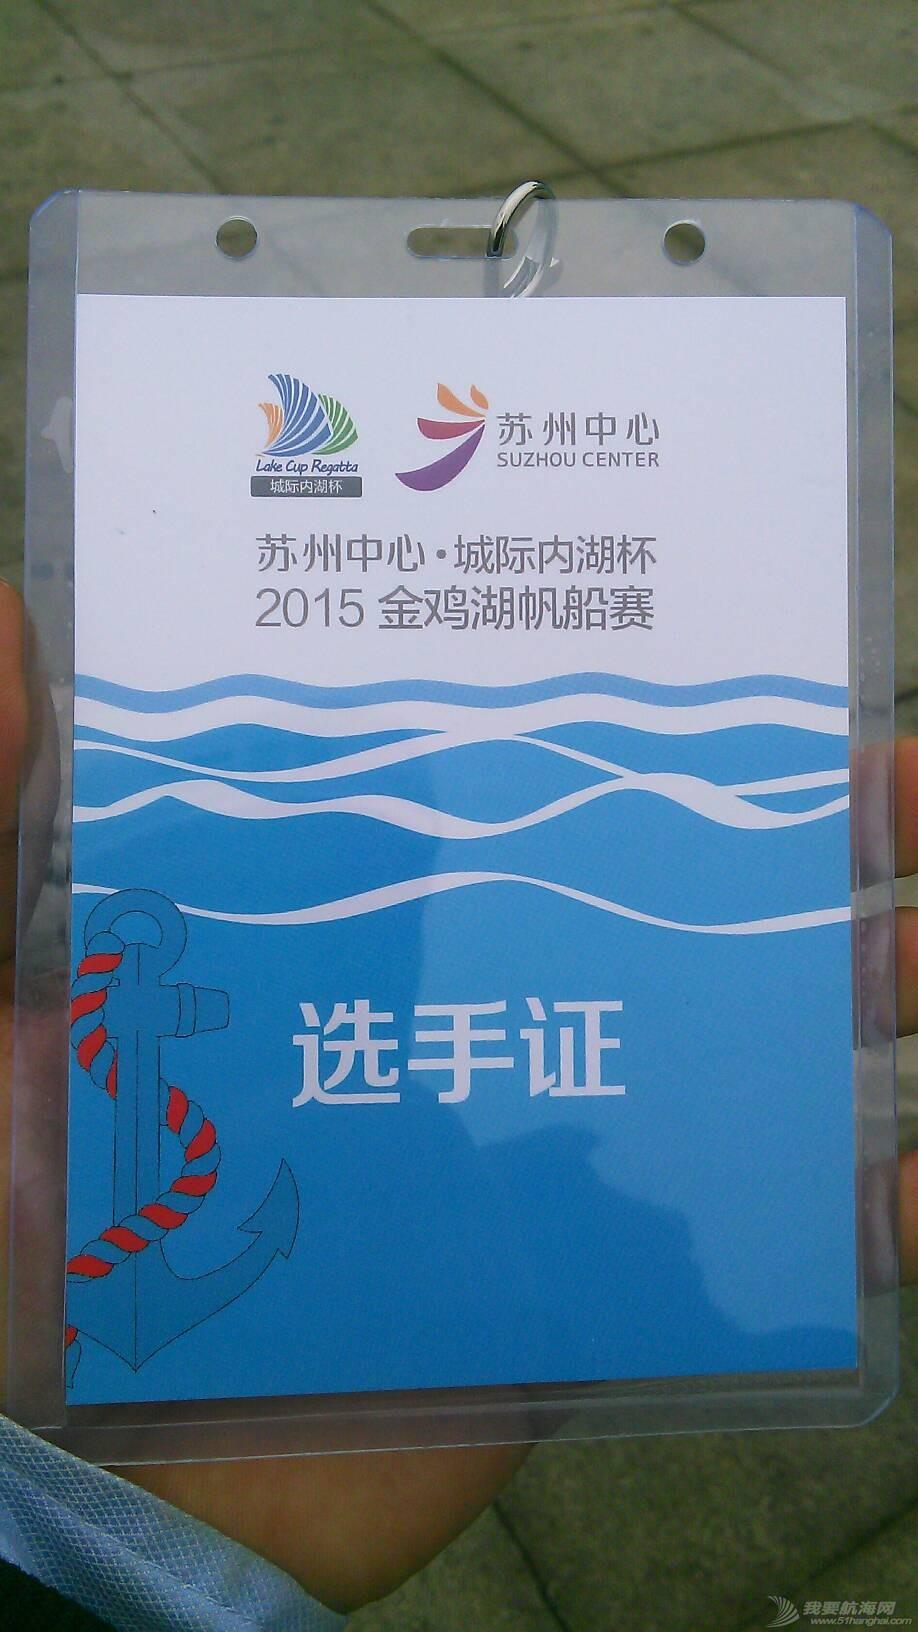 船长练成记一一2015城际杯金鸡湖帆船赛参赛记实 220057jki03yihkyppy1ri.jpg